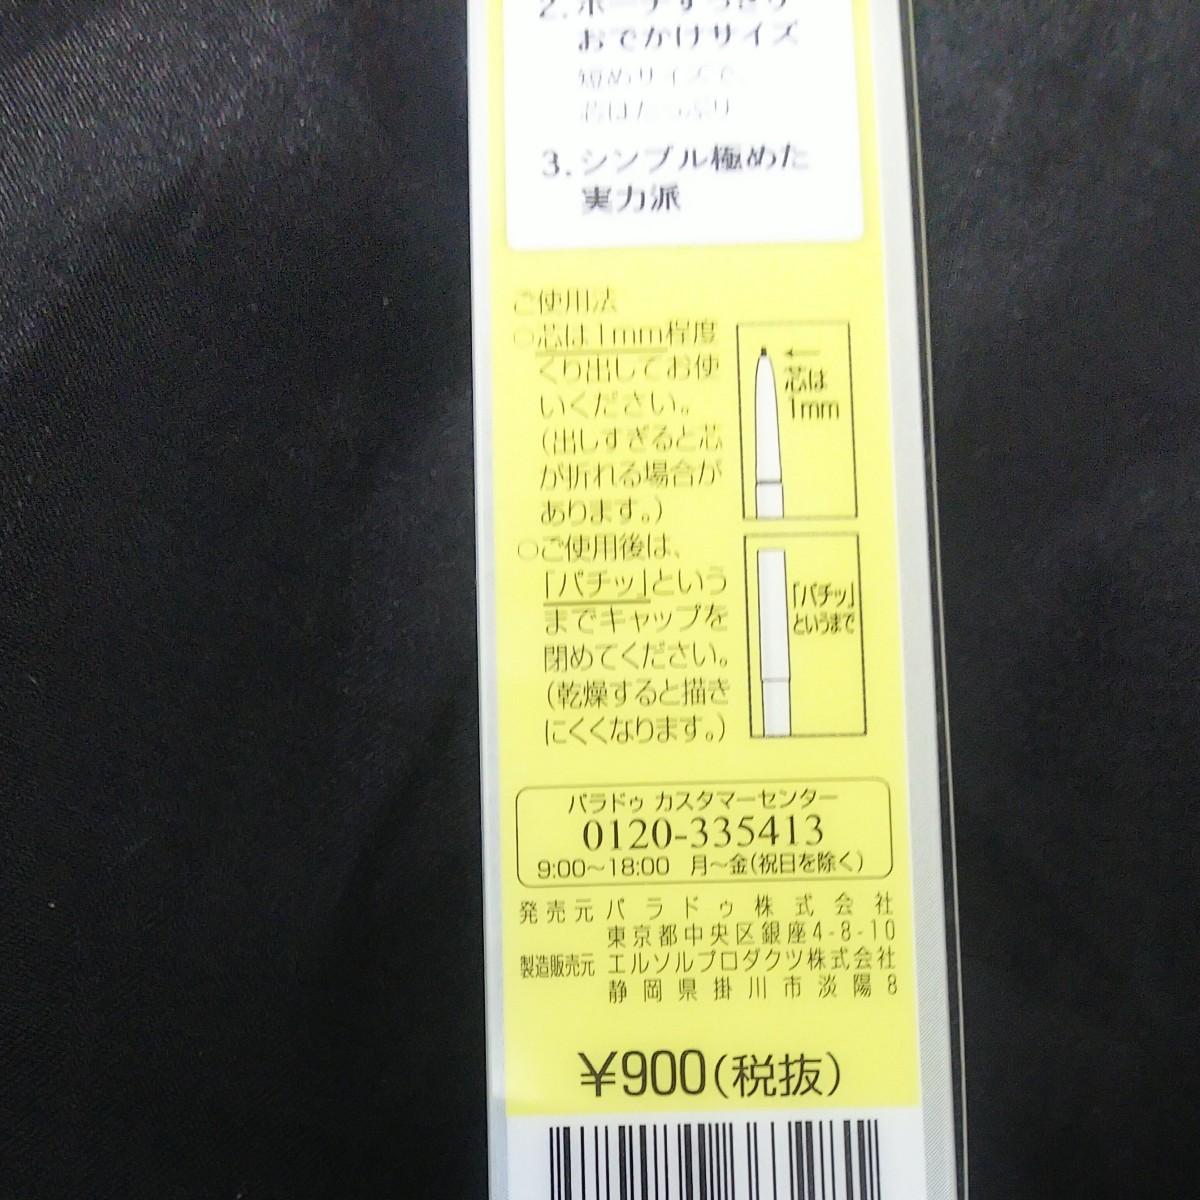 【新品】アイライナー・ファンデーション・ネイルファンデーション・まゆずみ・アイシャドーネイル アイシャドウ コスメ  化粧品 ミニ